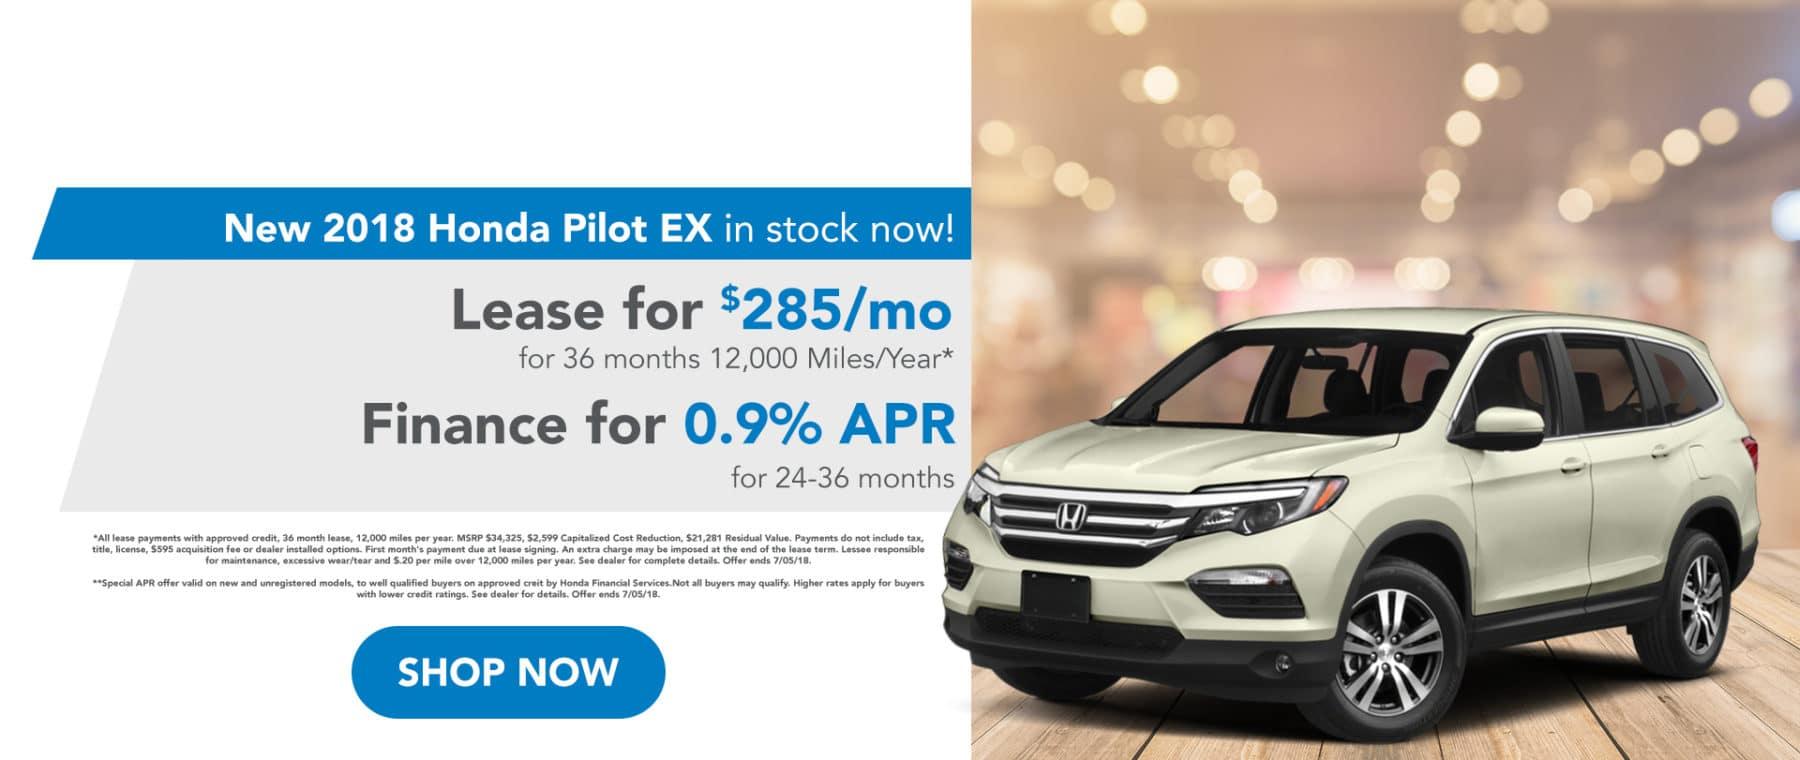 Honda Pilot EX June Special Offer